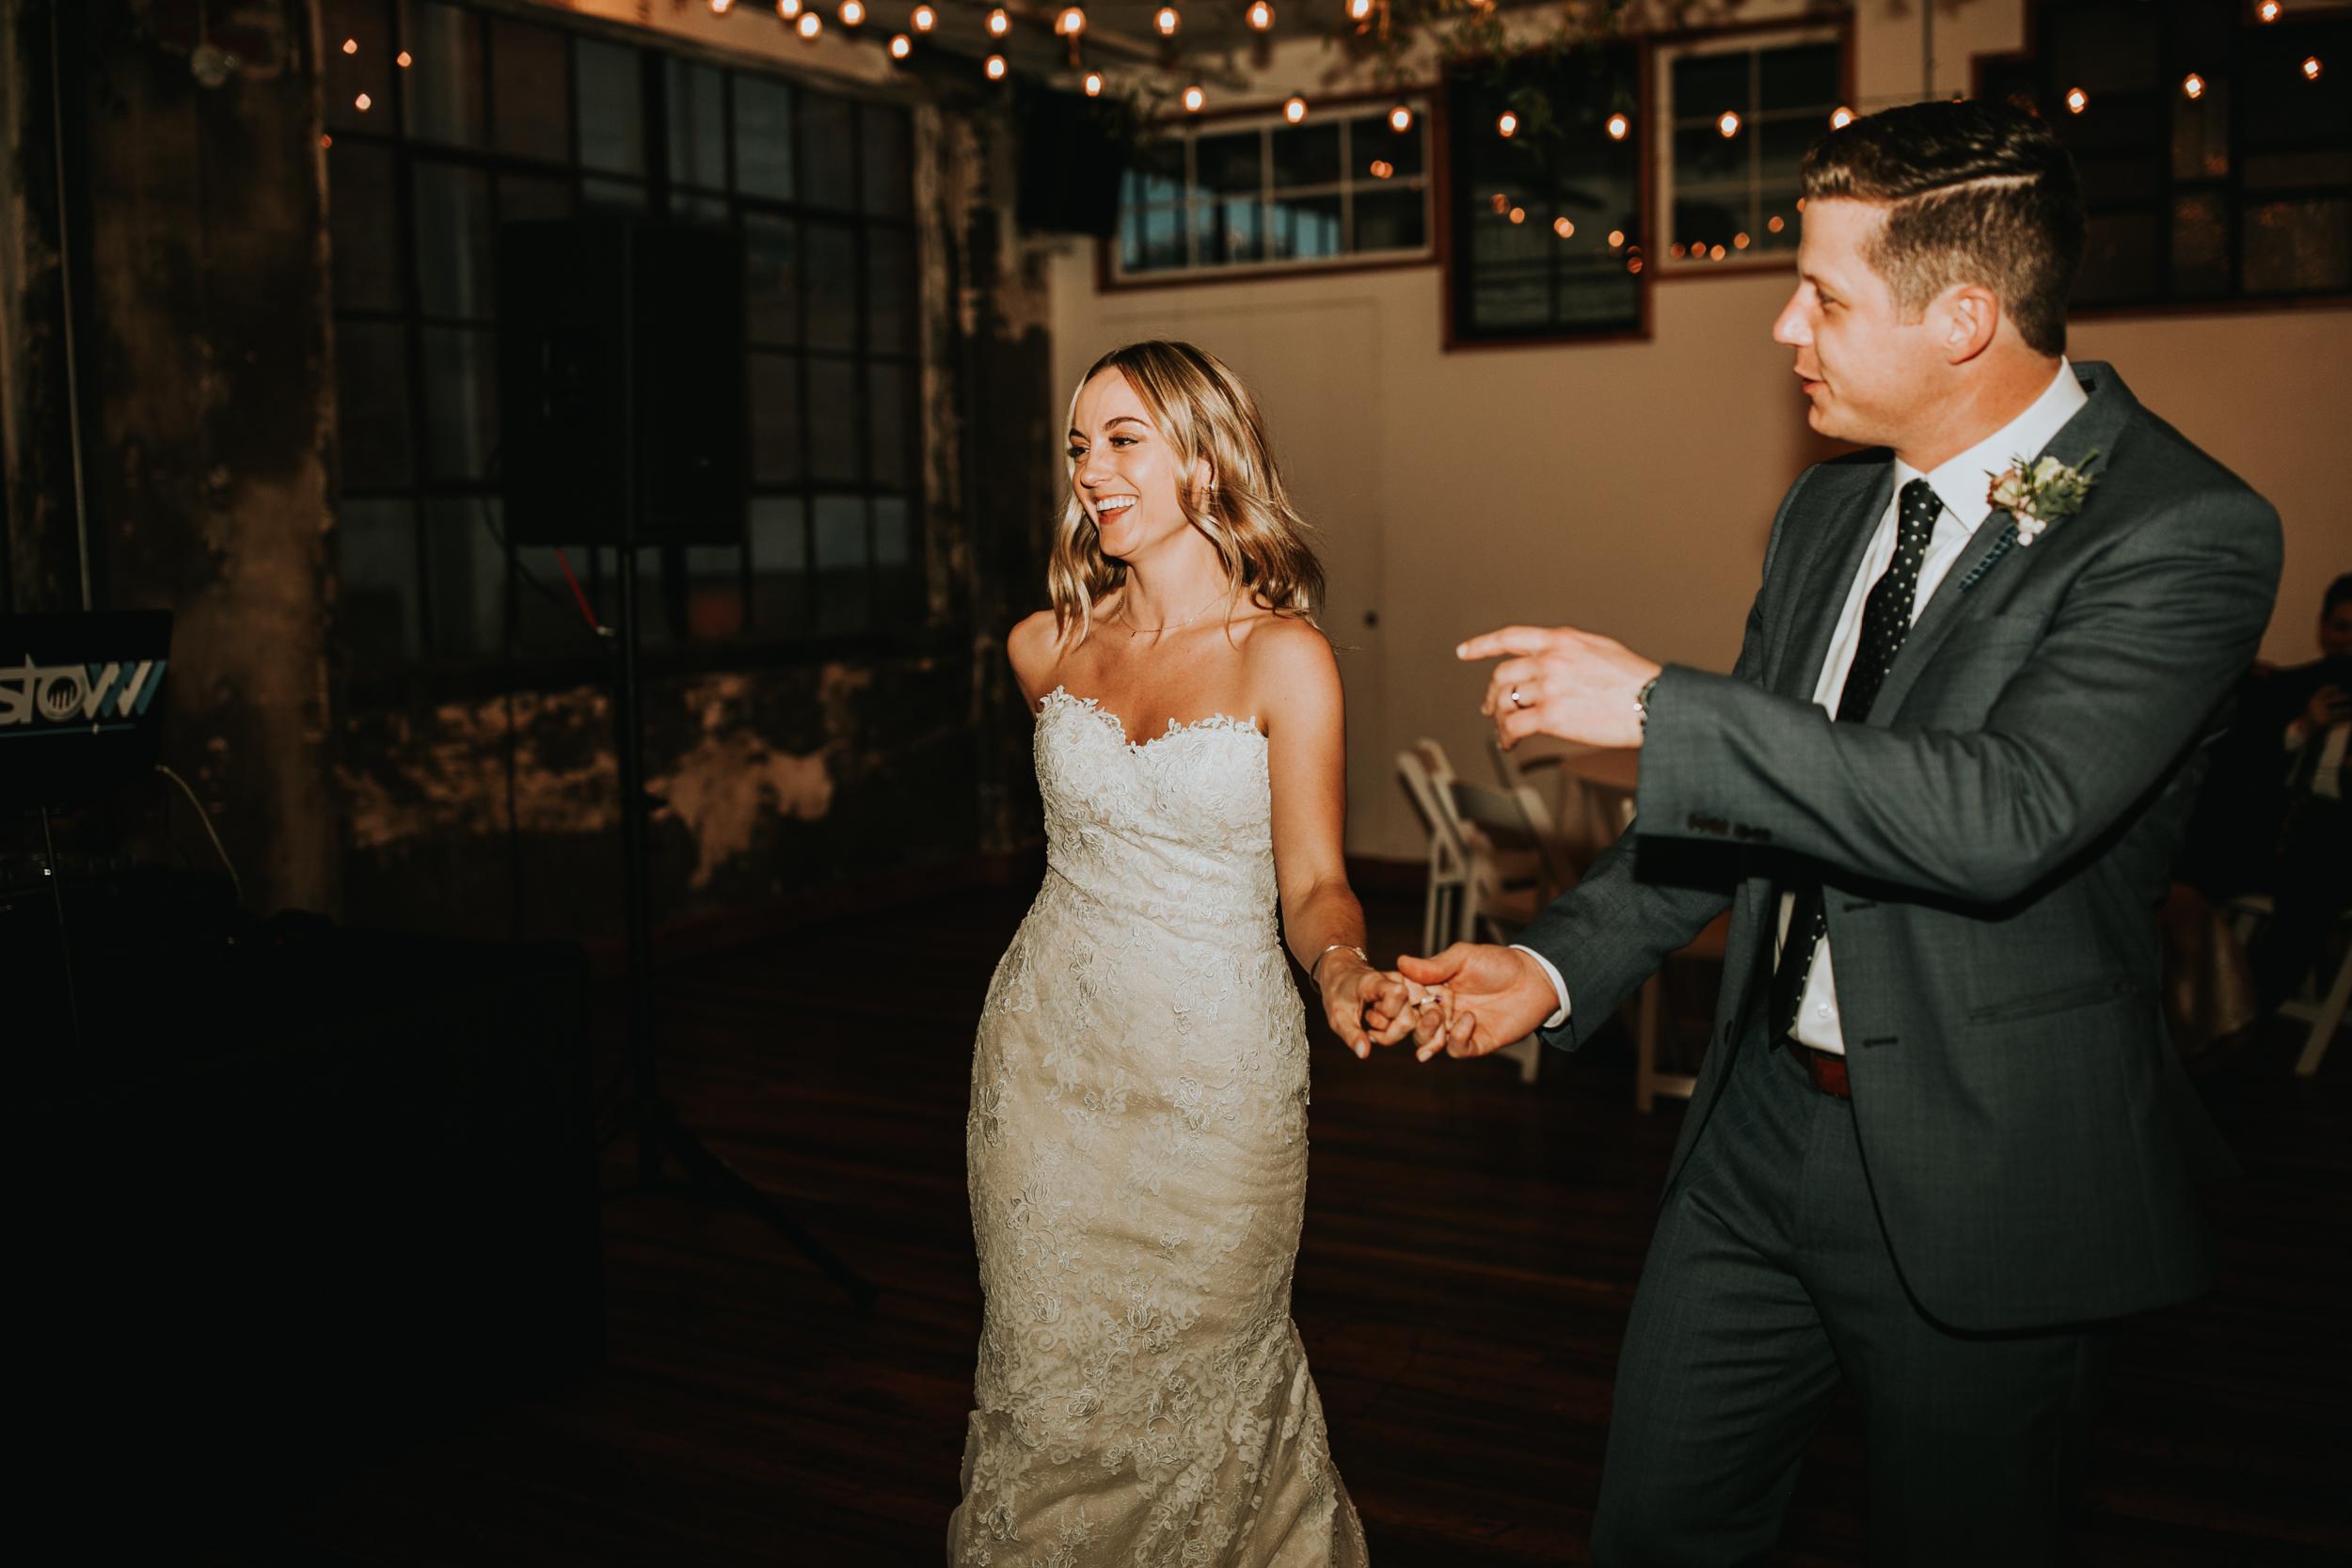 Britt and Scott Wedding Reception at The Bauer in Kansas City-97.jpg